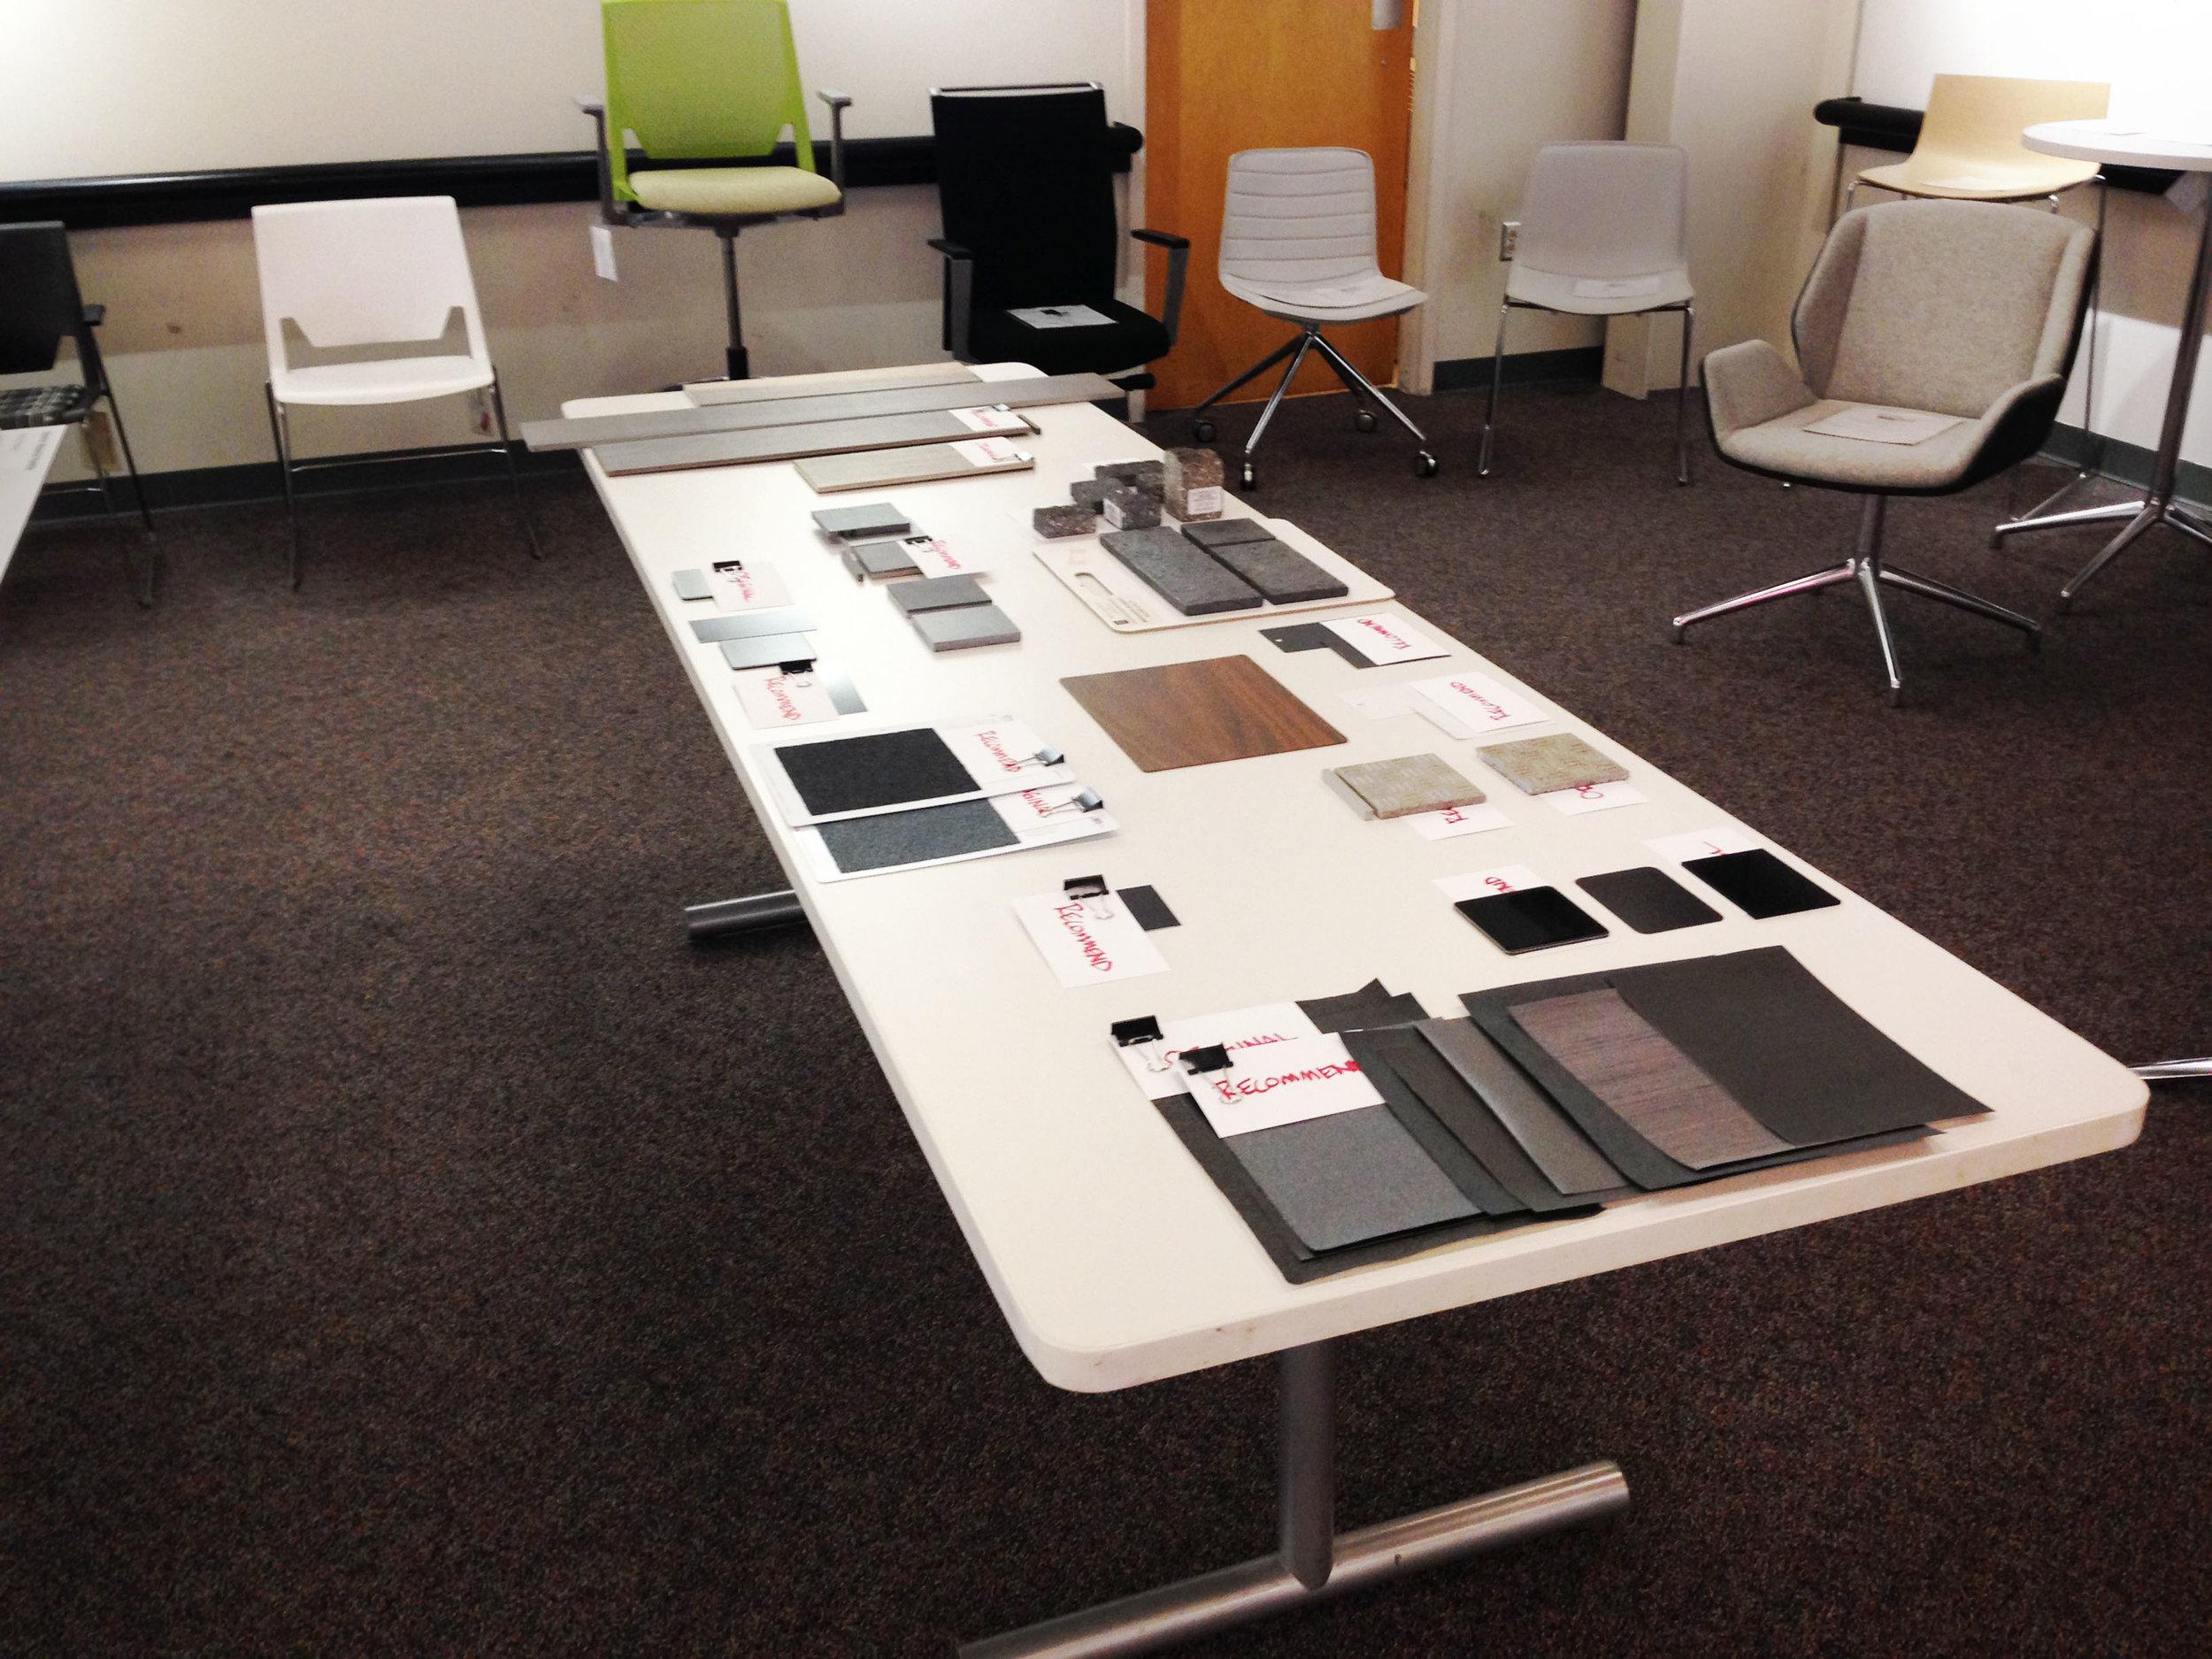 Set up for client presentation